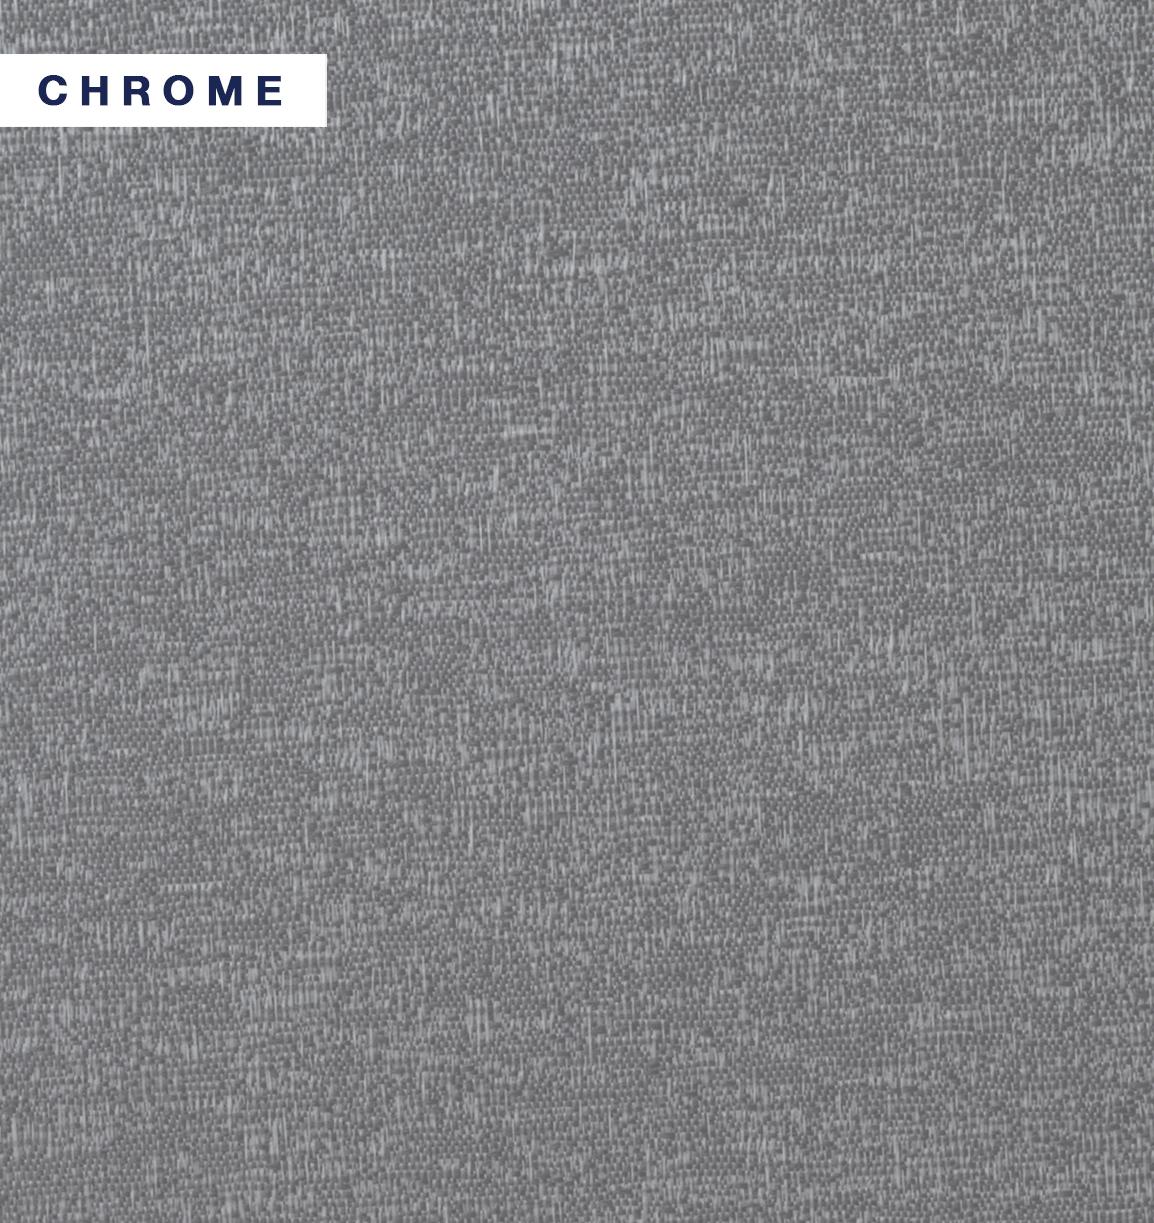 Skye - Chrome.jpg